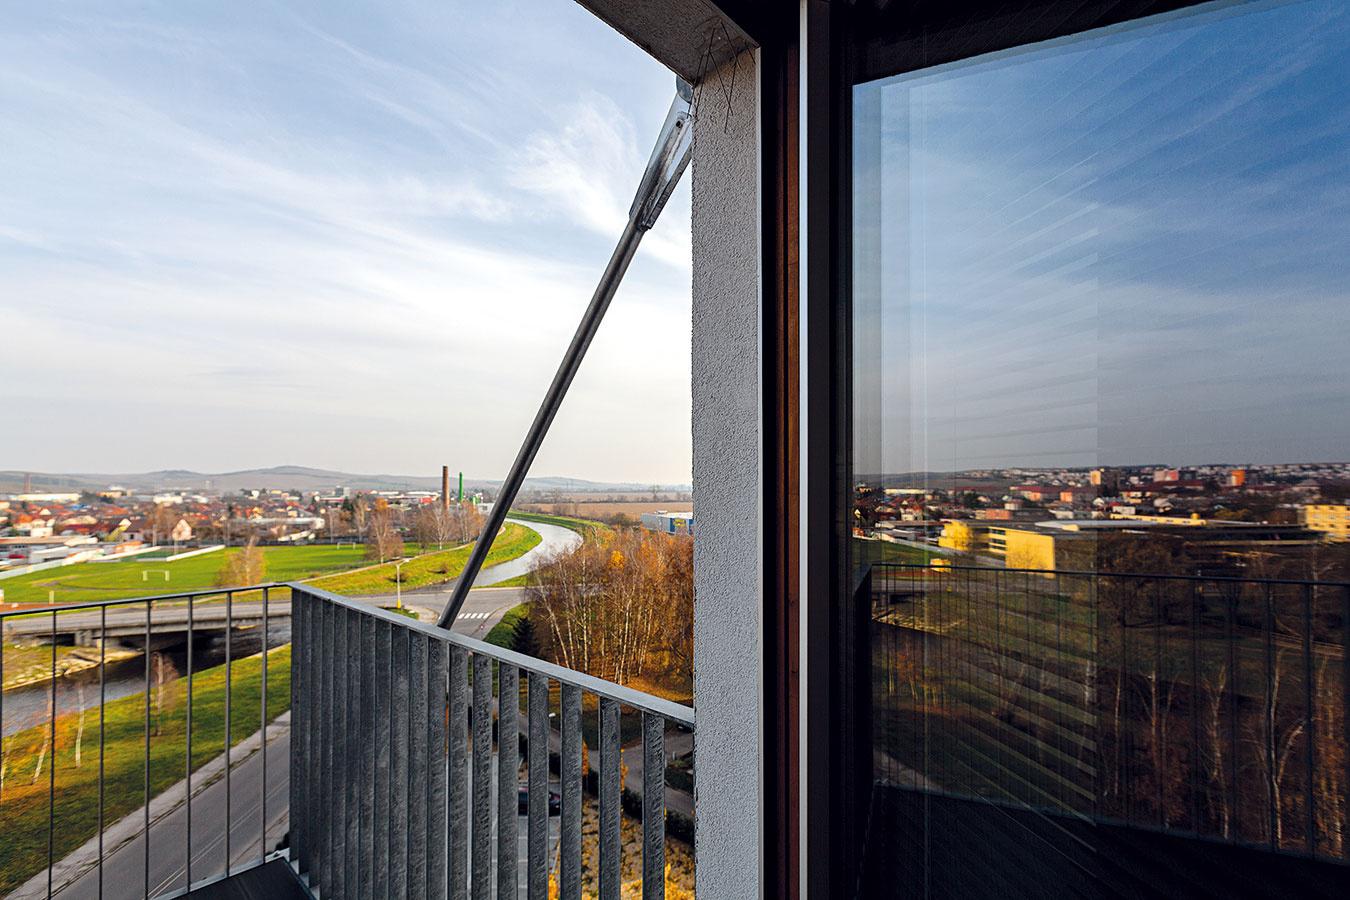 Jednoduchá biela fasáda pôsobí veľmi príjemne aprimerane. Efektne ju oživujú zavesené oceľové balkóny, na ktoré sa vďaka ich veľkorysým rozmerom (2× 2 m) pohodlne zmestí stôl so štyrmi stoličkami.